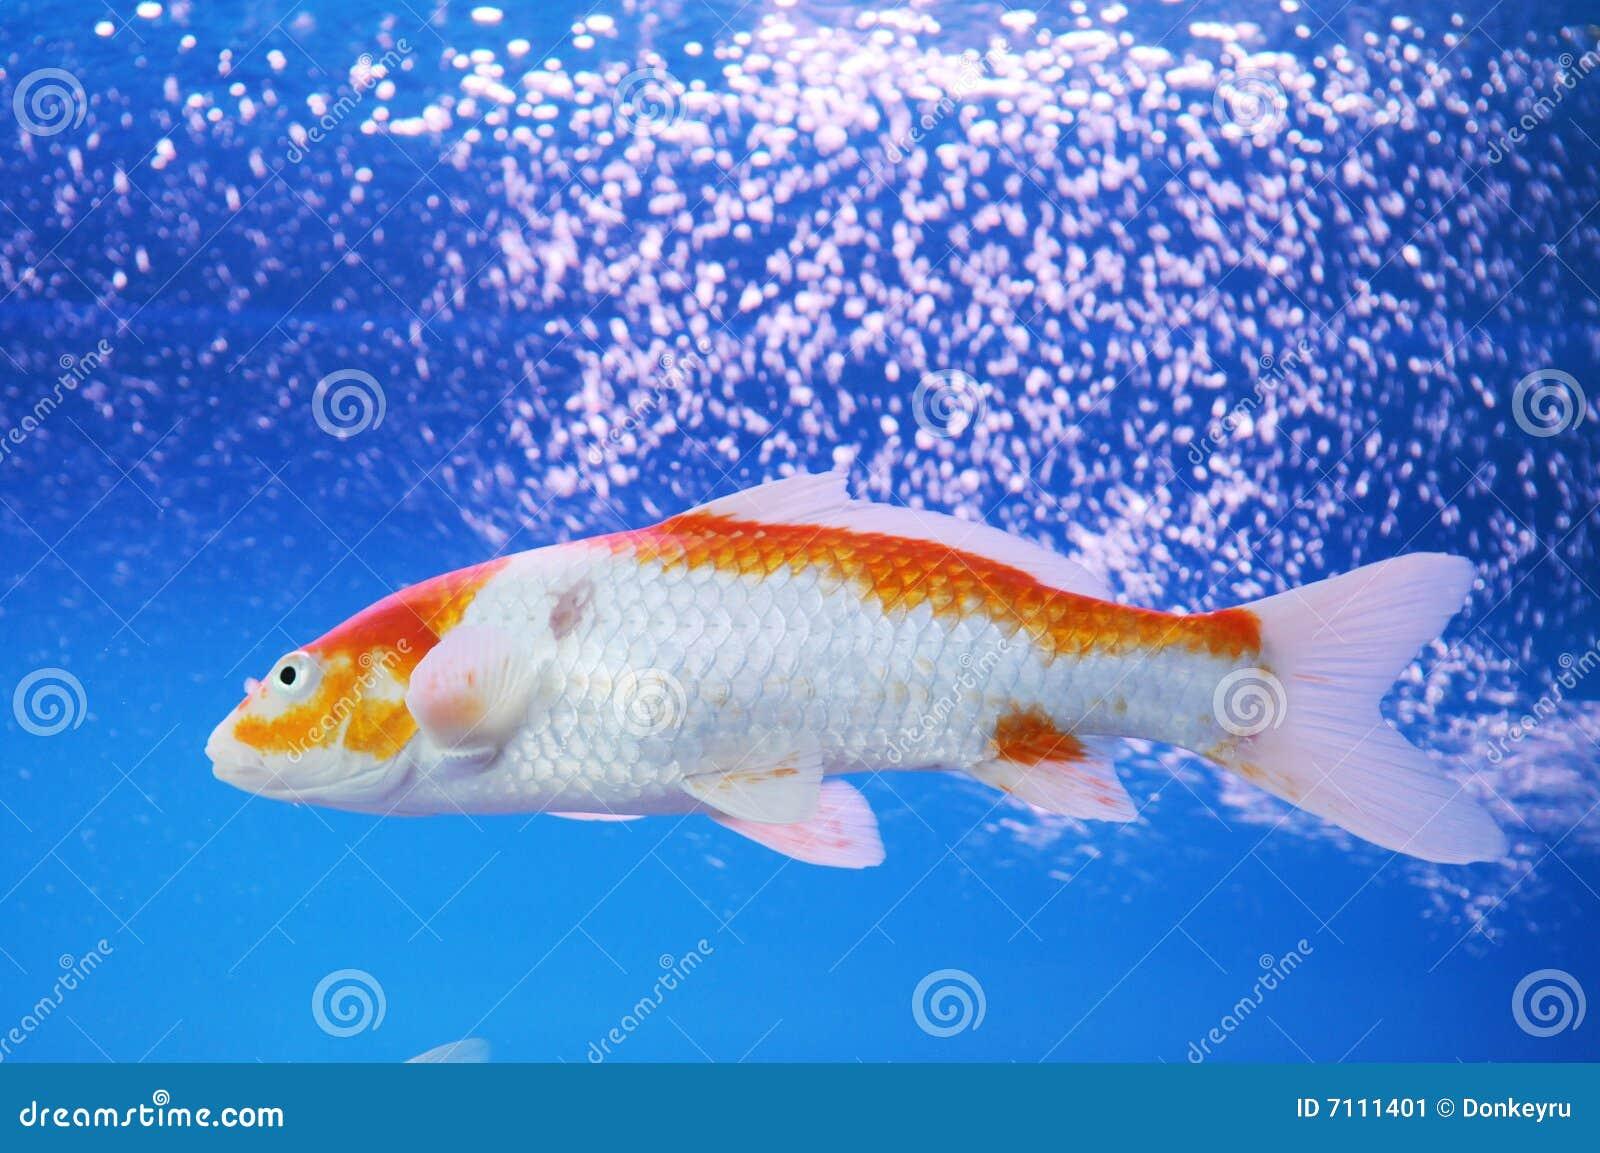 The koi carp in aquarium stock image image 7111401 for Koi im aquarium